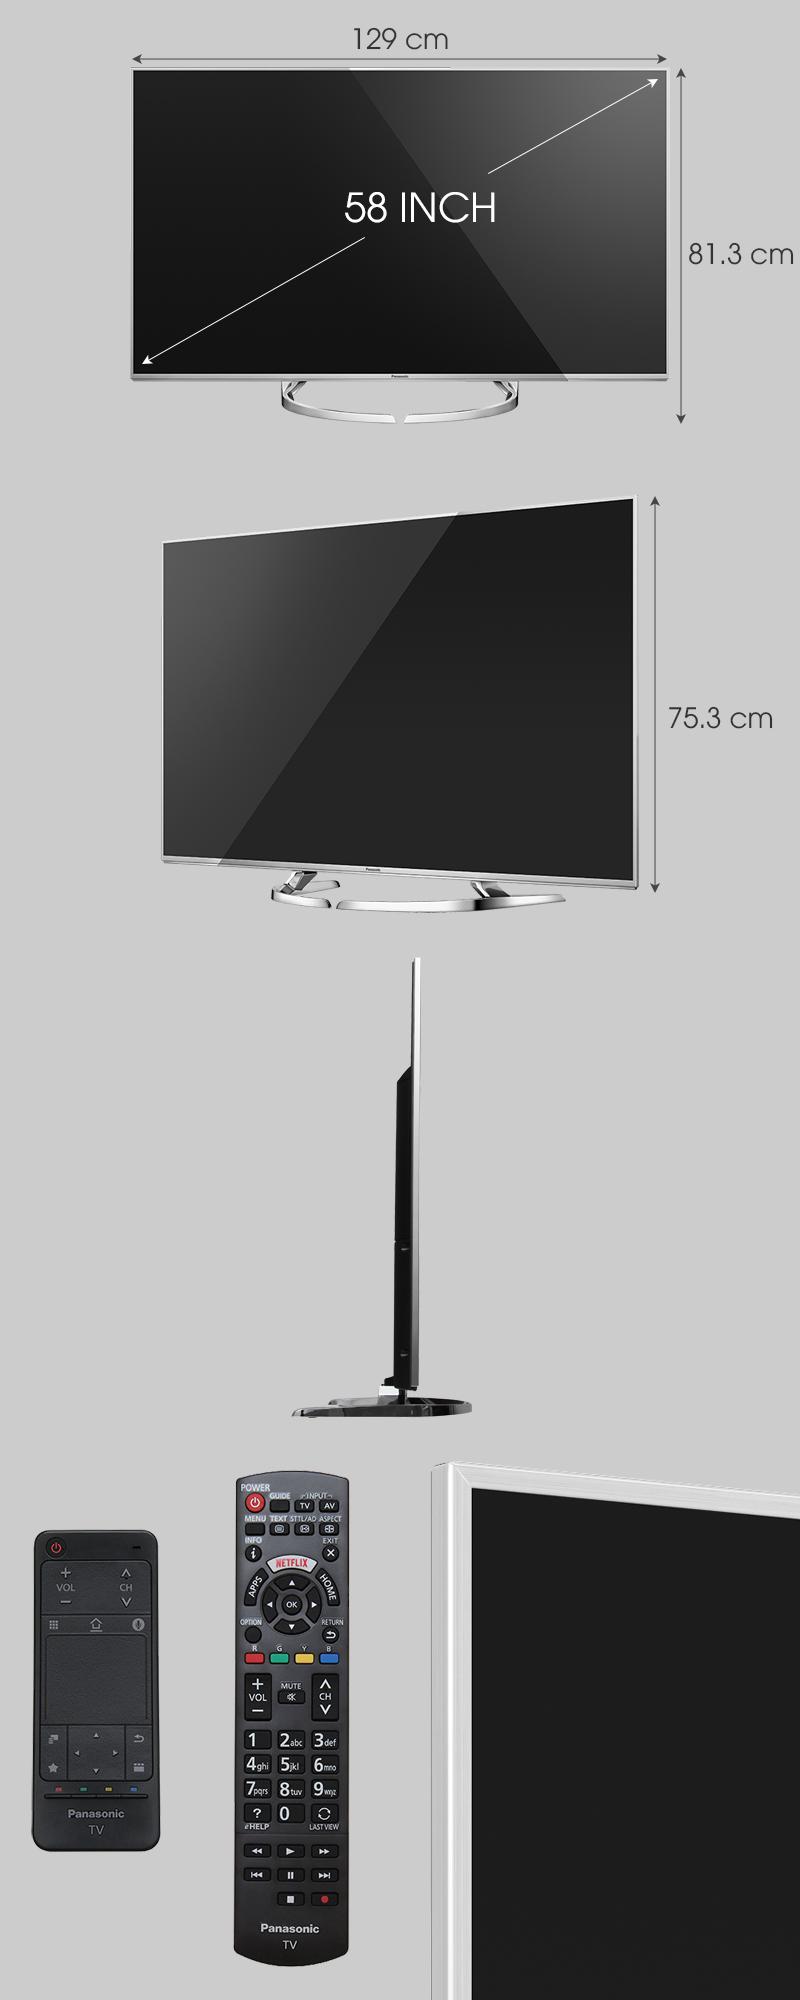 Smart Tivi Panasonic 58 inch TH-58DX700V - Kích thước TV